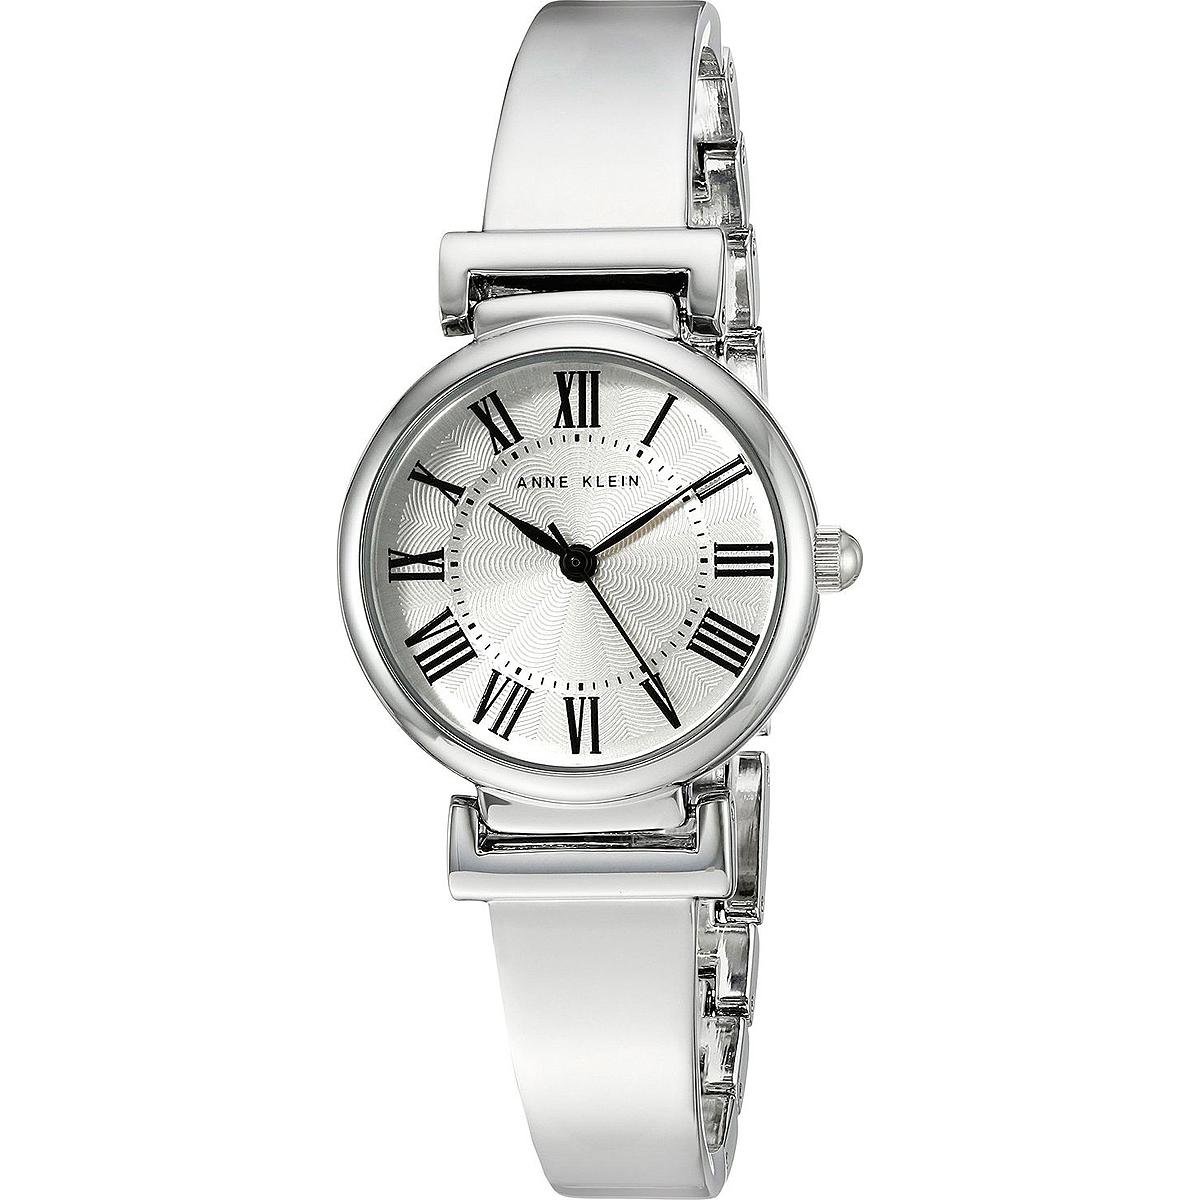 Наручные часы женские Anne Klein, цвет: серебристый. 2229 SVSV2229 SVSVКорпус 28 мм с серебристым покрытием, Циферблат серебристый, браслет сплав серебристого цвета, Минеральное стекло, Водозащита 3 АТМ